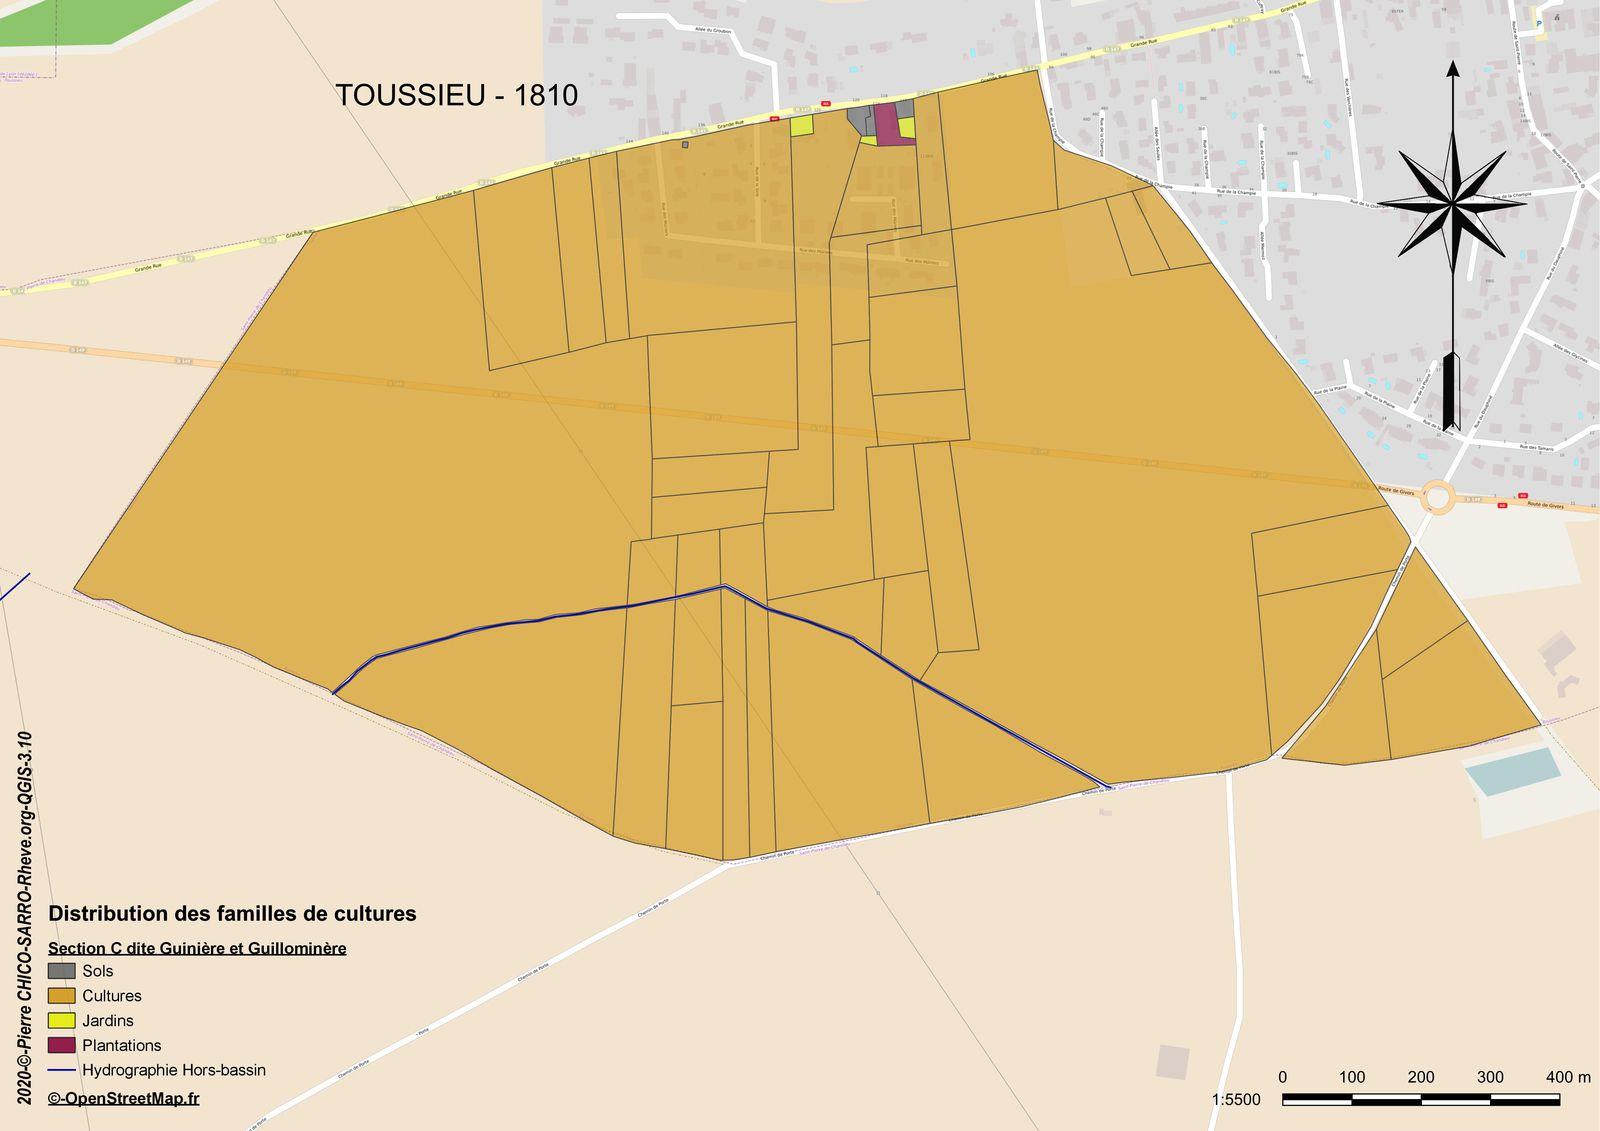 Carte de la distribution des familles de cultures dans la section C dite de Gunière et Guillominière à Toussieu en 1810